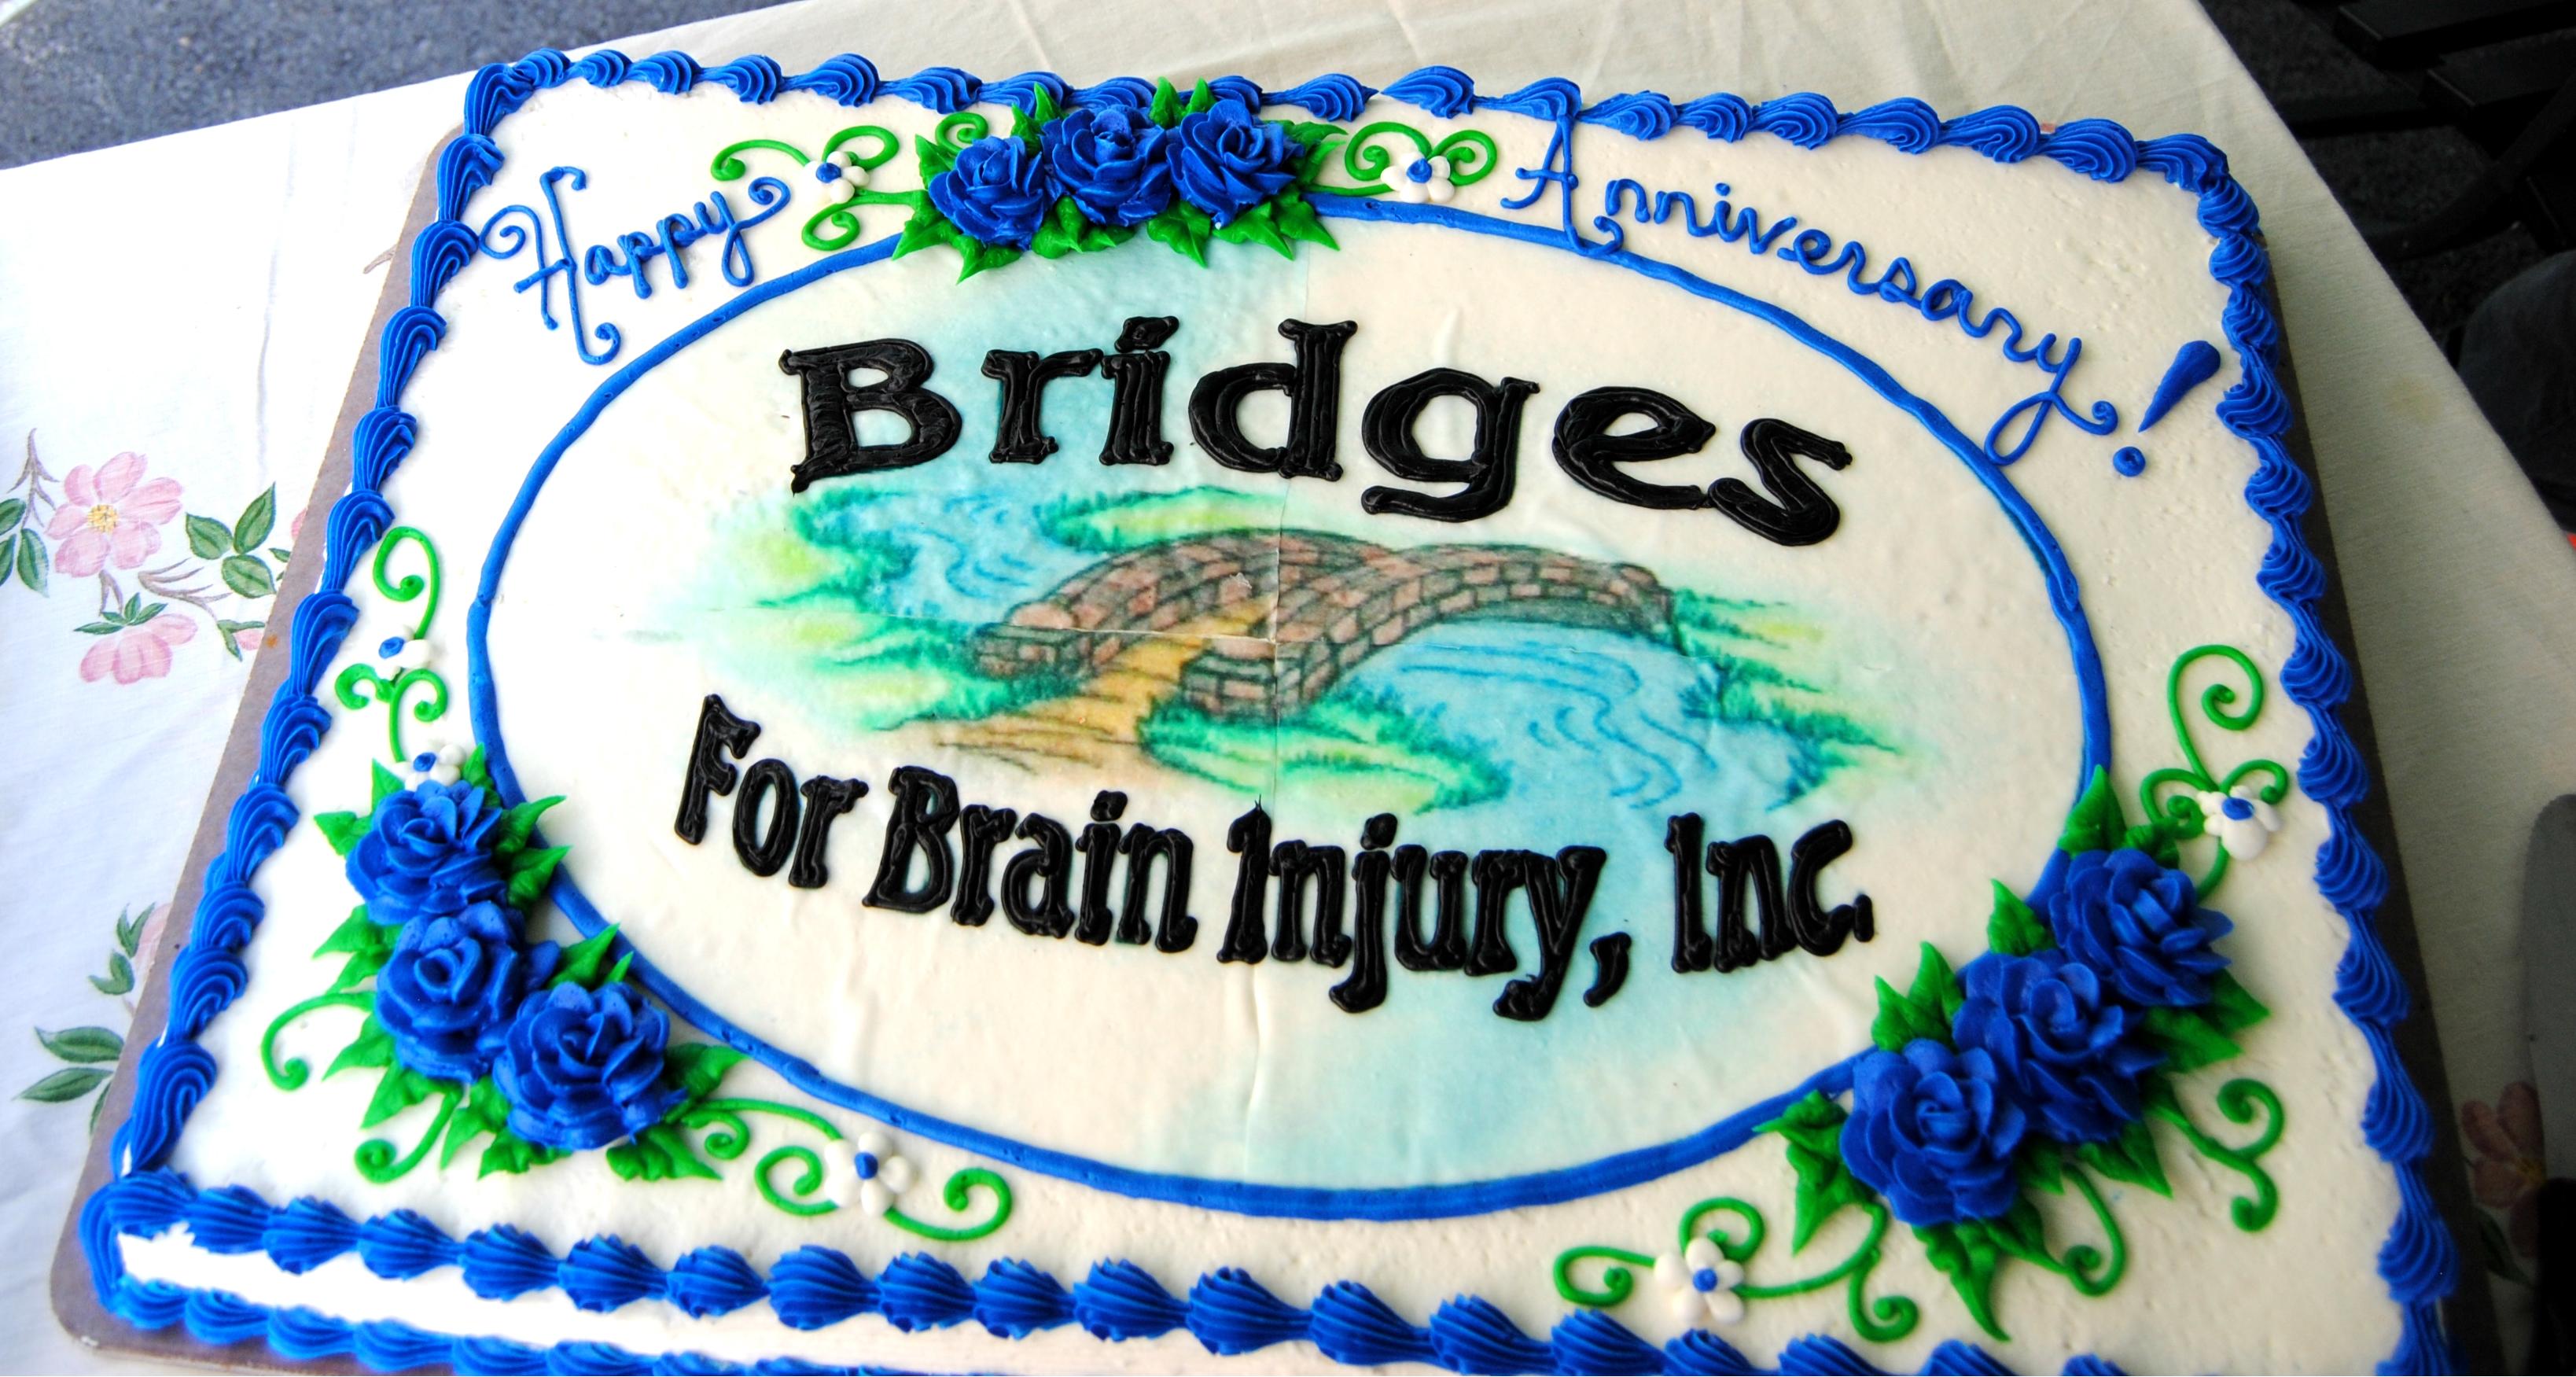 Happy Anniversary Bridges!